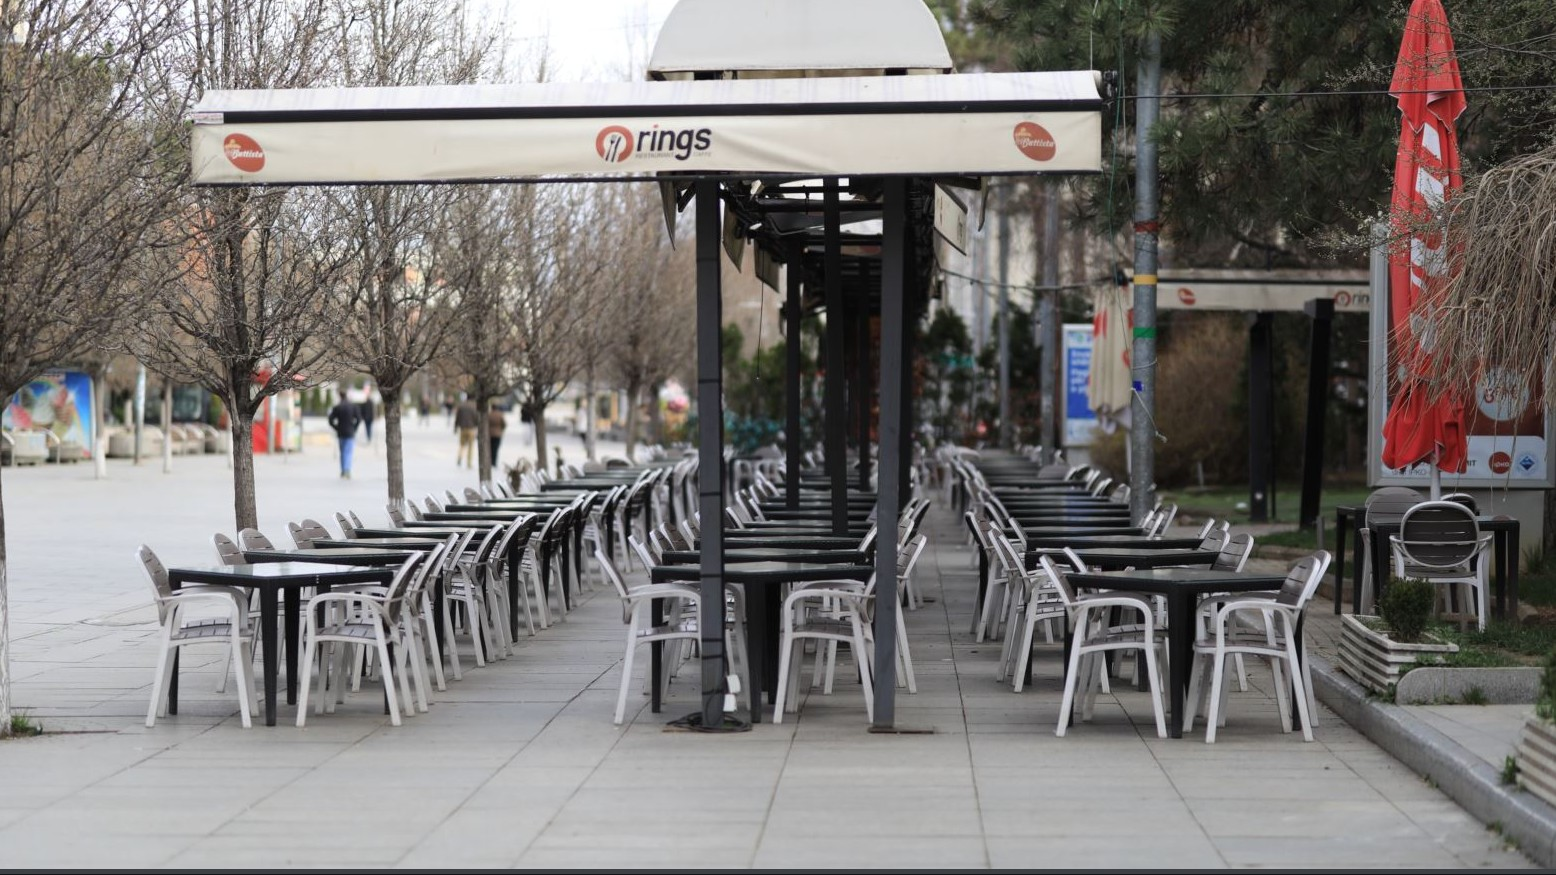 Rregullat e reja: Ja si pritet të funksionojnë kafiteritë e restorantet nga 1 qershori